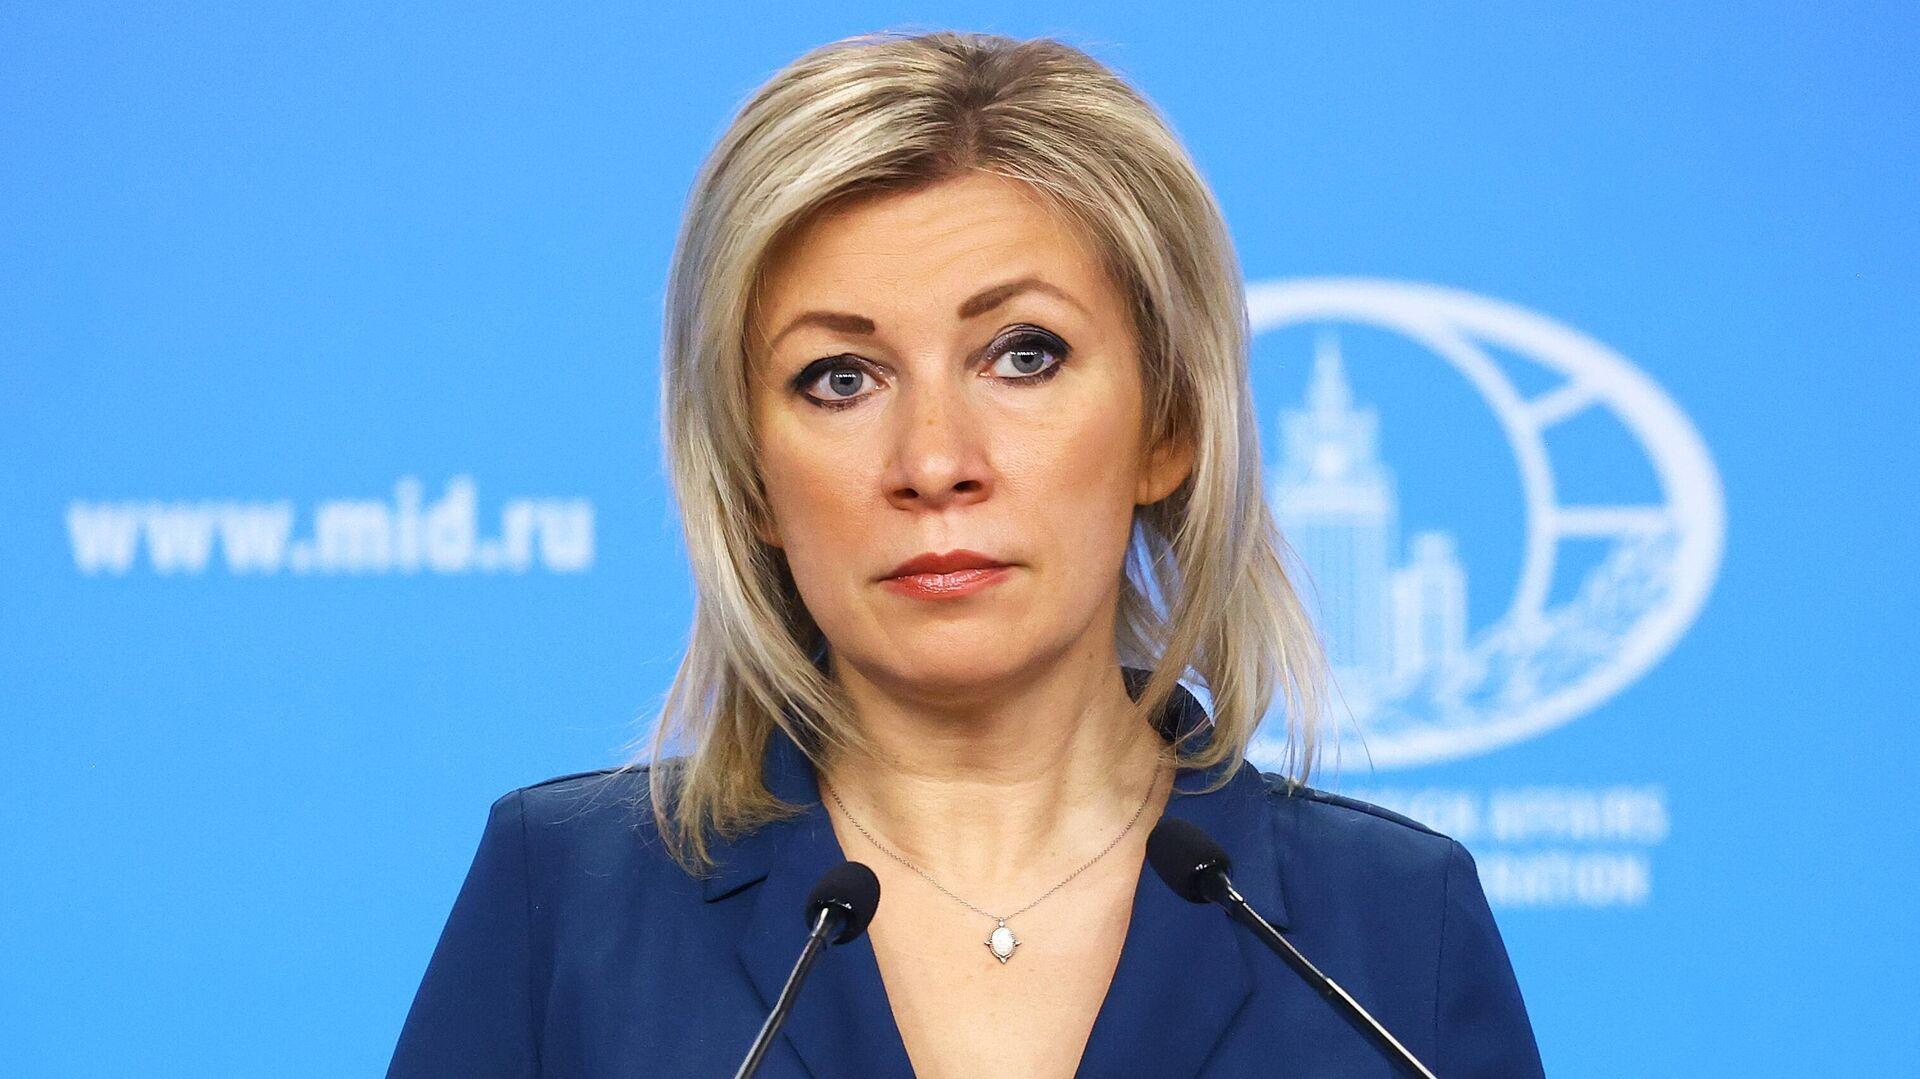 Официальный представитель Министерства иностранных дел России Мария Захарова во время брифинга в Москве - РИА Новости, 1920, 07.02.2021